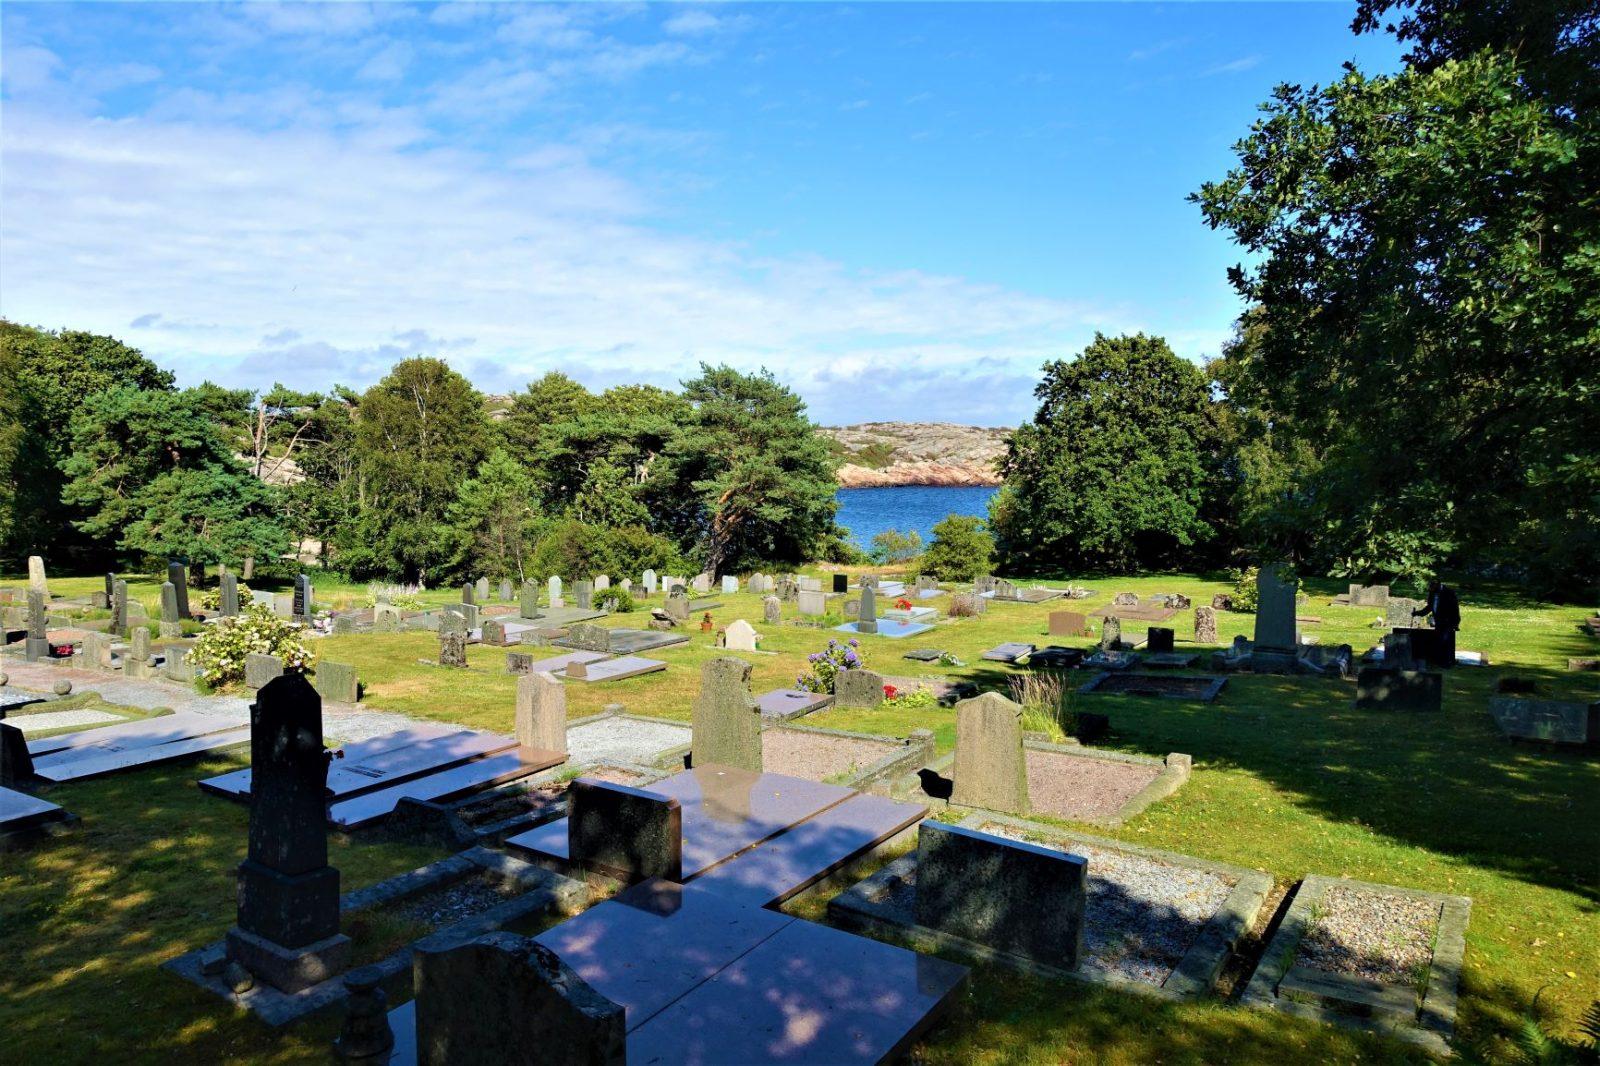 kirkegården bohus malmøn